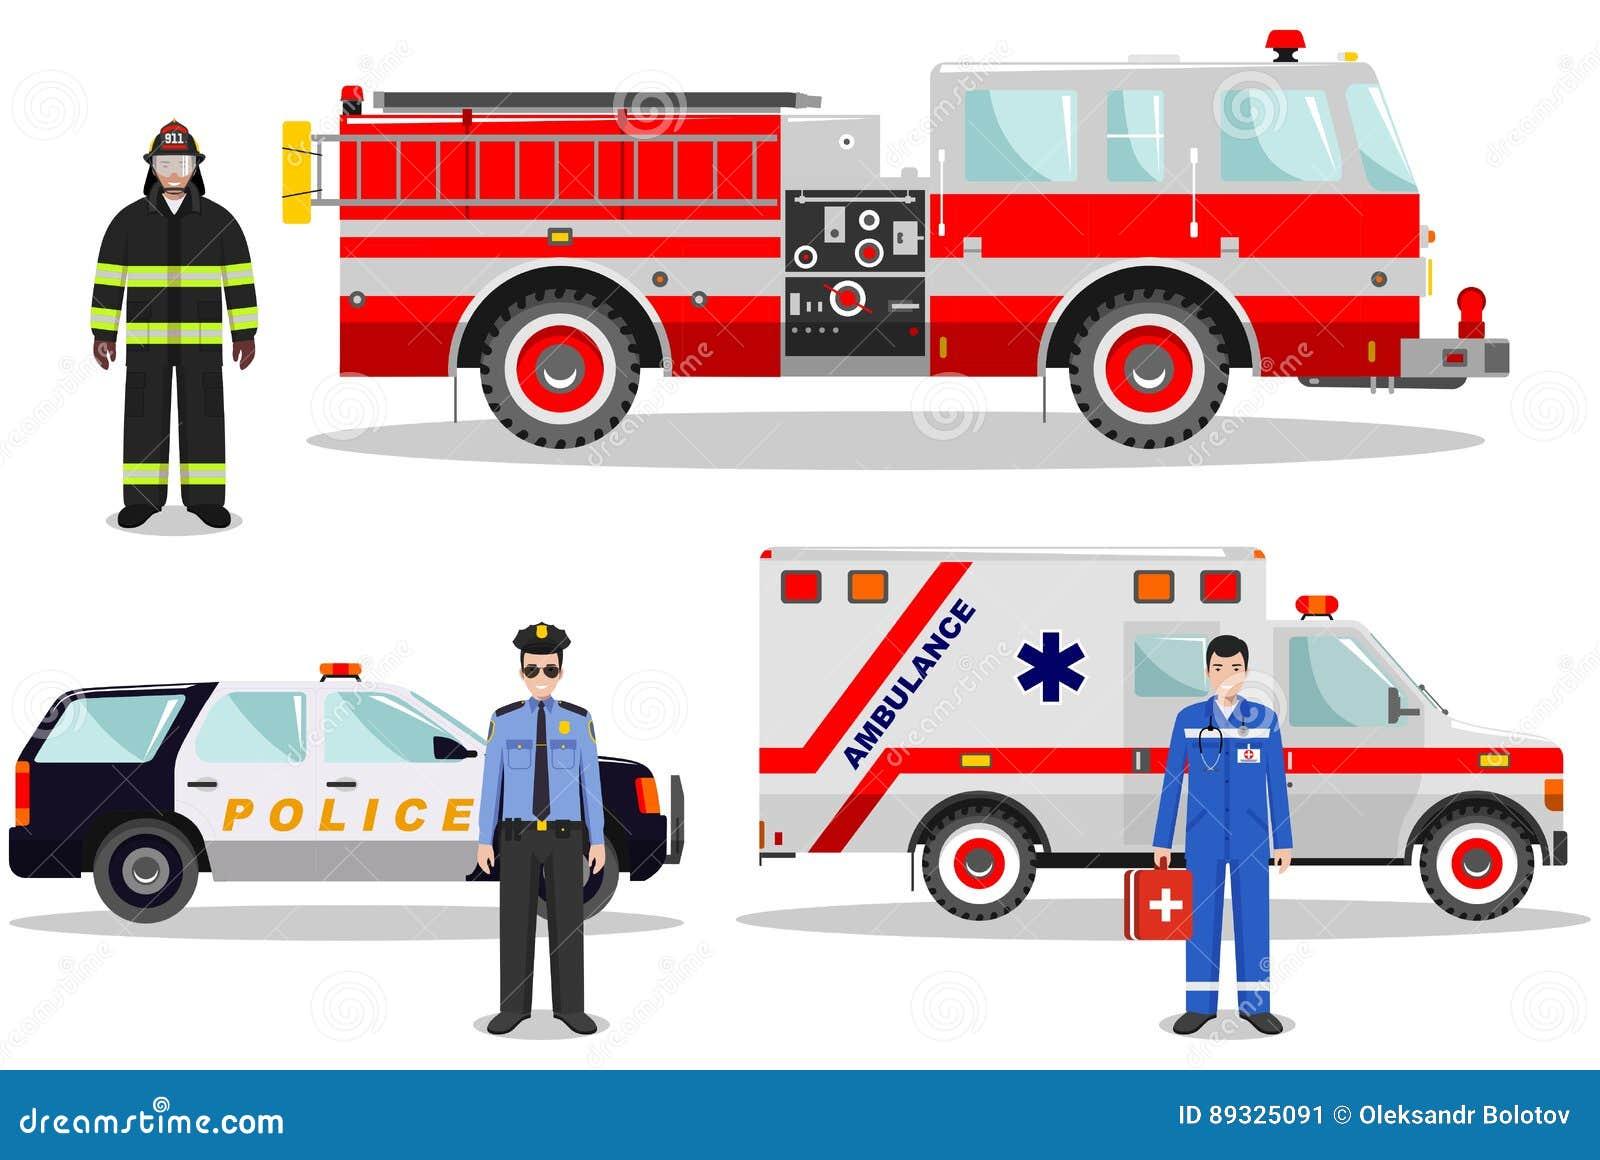 紧急概念 消防队员、医生、警察有消防车的,救护车和警车的详细的例证